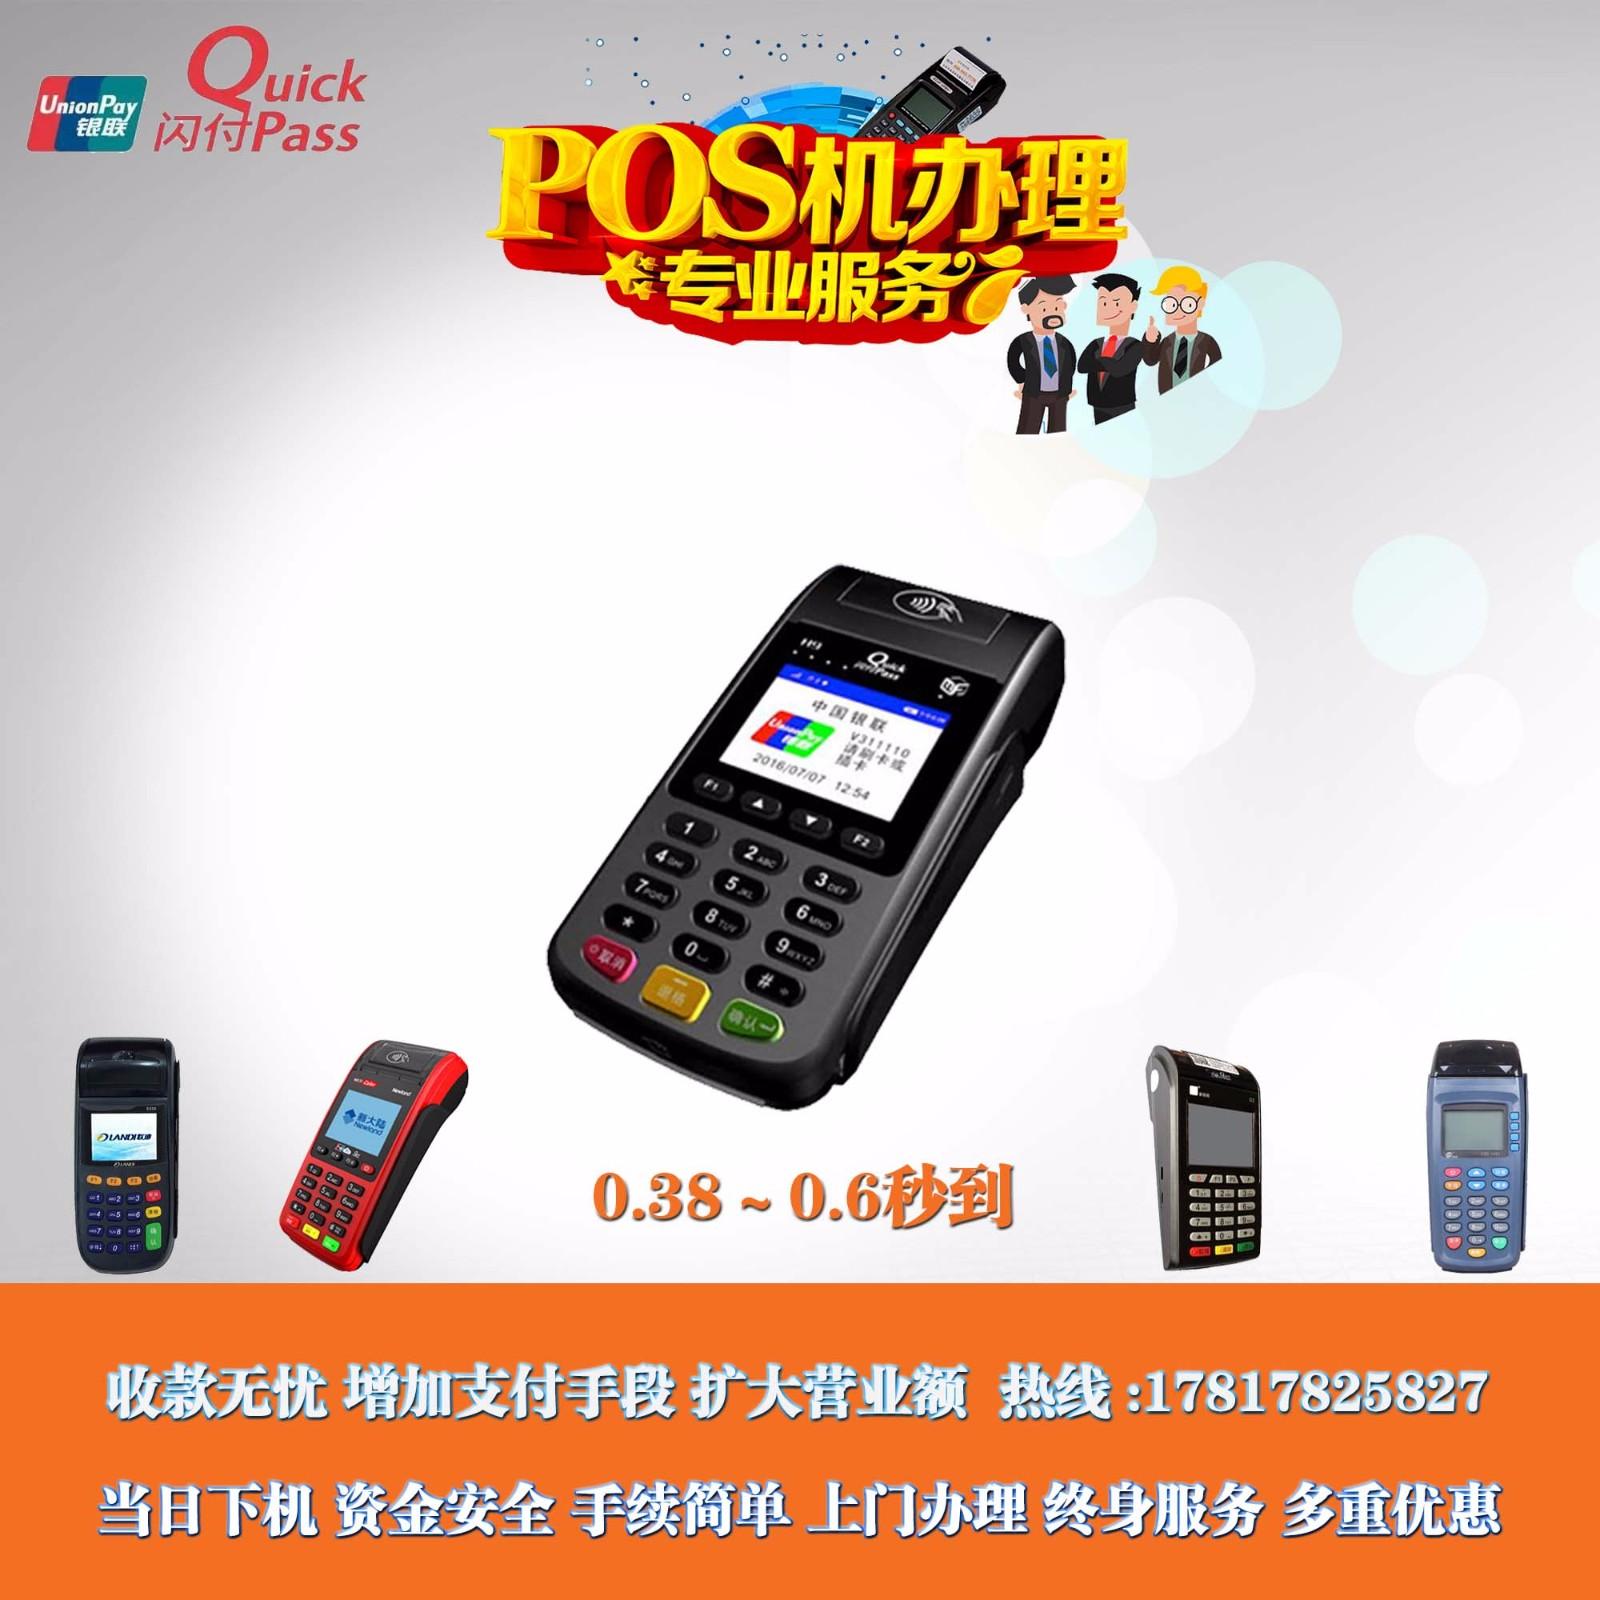 免费送pos机服务-深圳个人pos机申请-广州星润科技有限公司